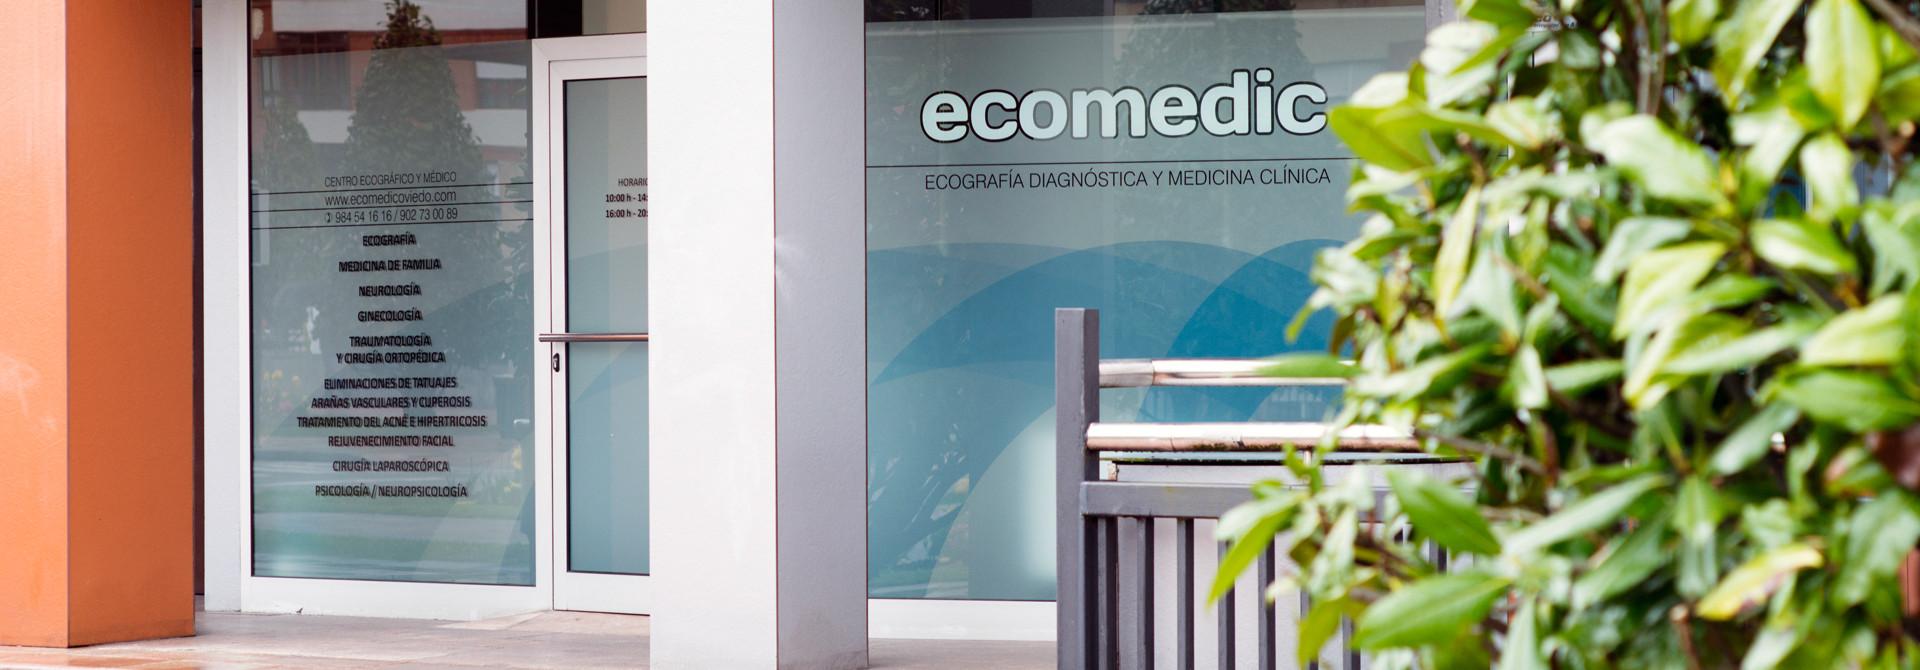 Centro médico en Oviedo - Ecografía, Ginecología y obstetricia, Traumatología, Medicina familiar, Psicología, Valoración de daño corporal